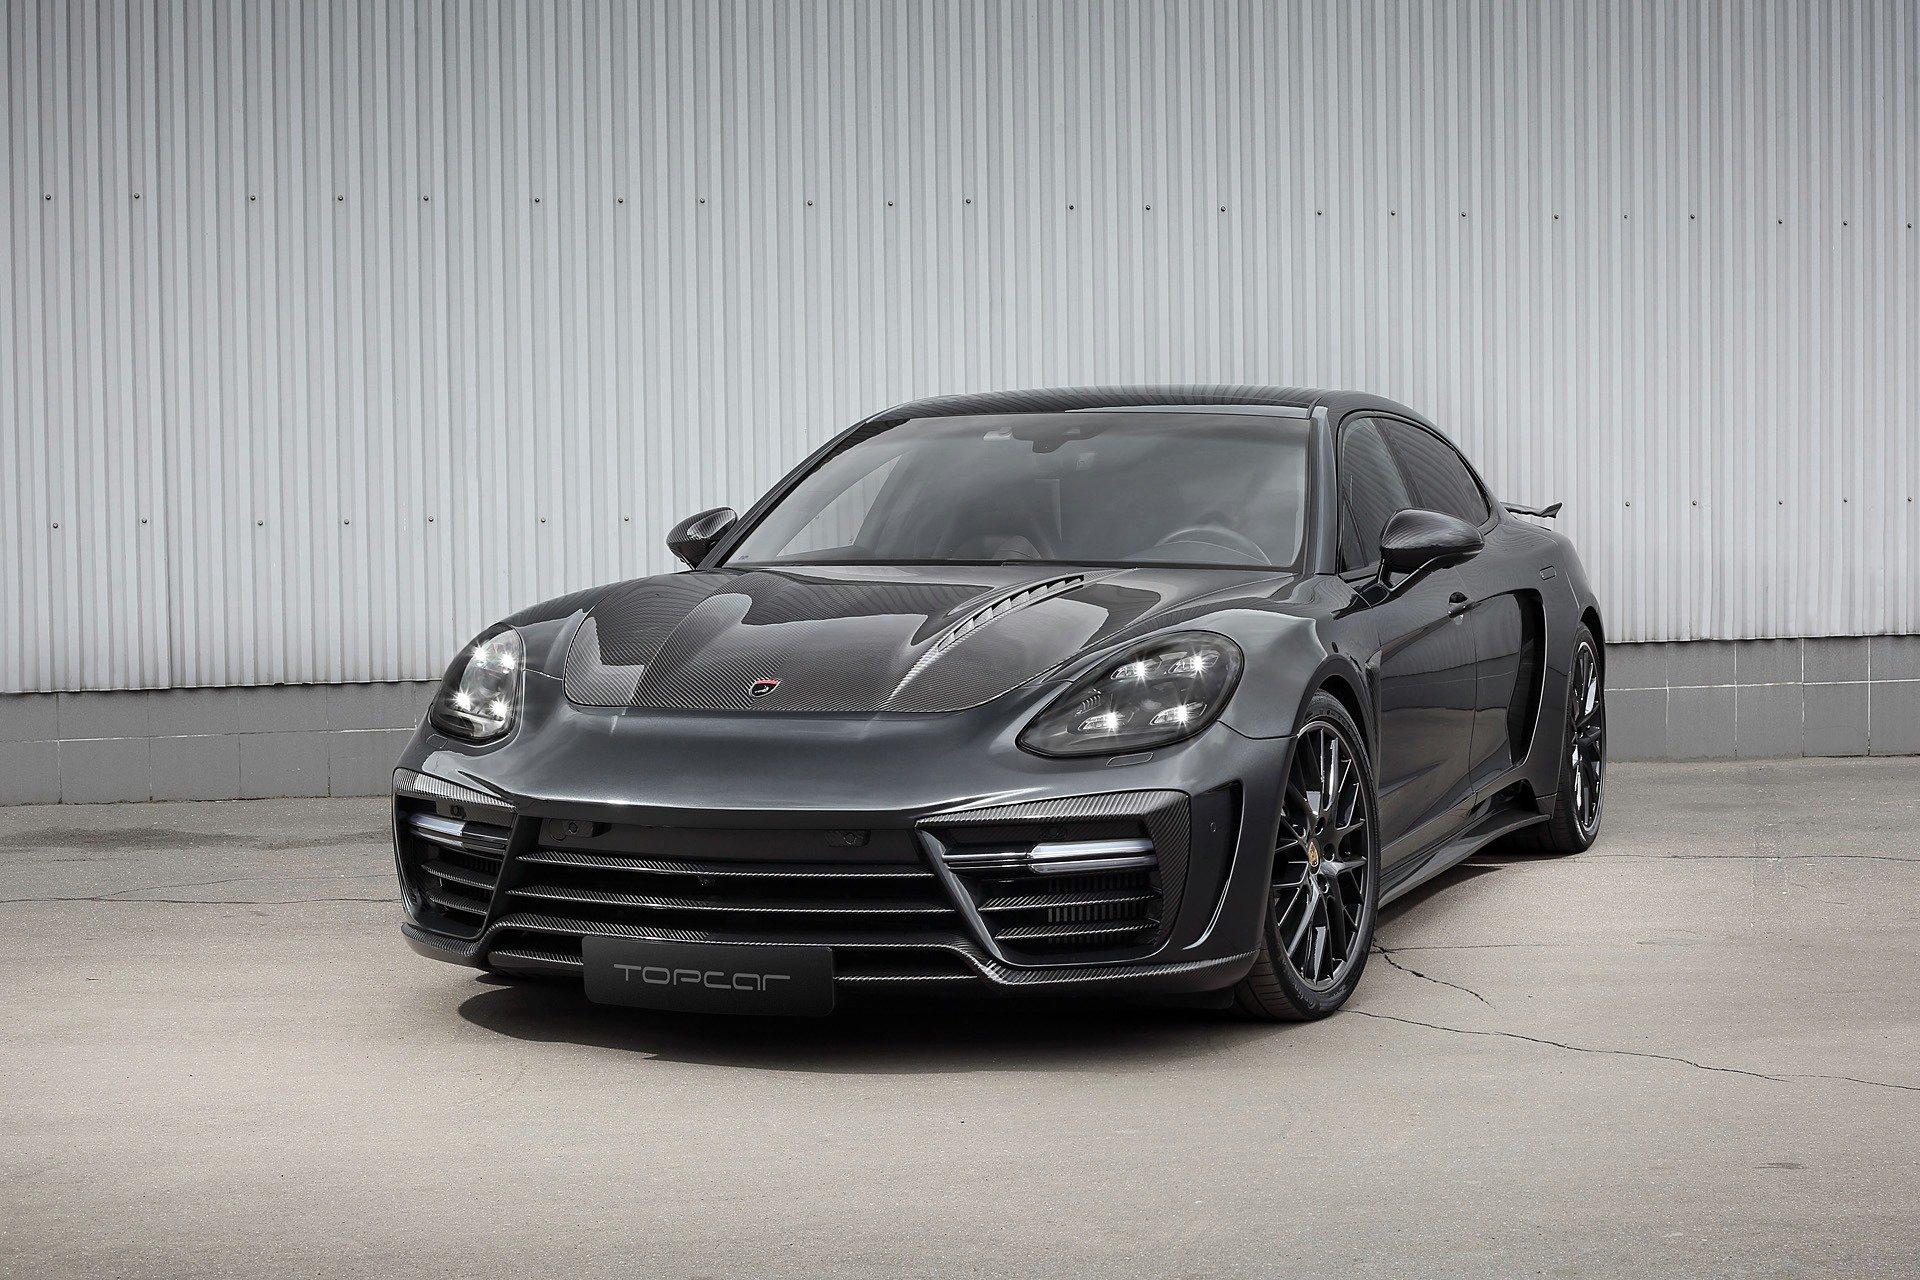 Porsche-Panamera-LWB-by-TopCar-1